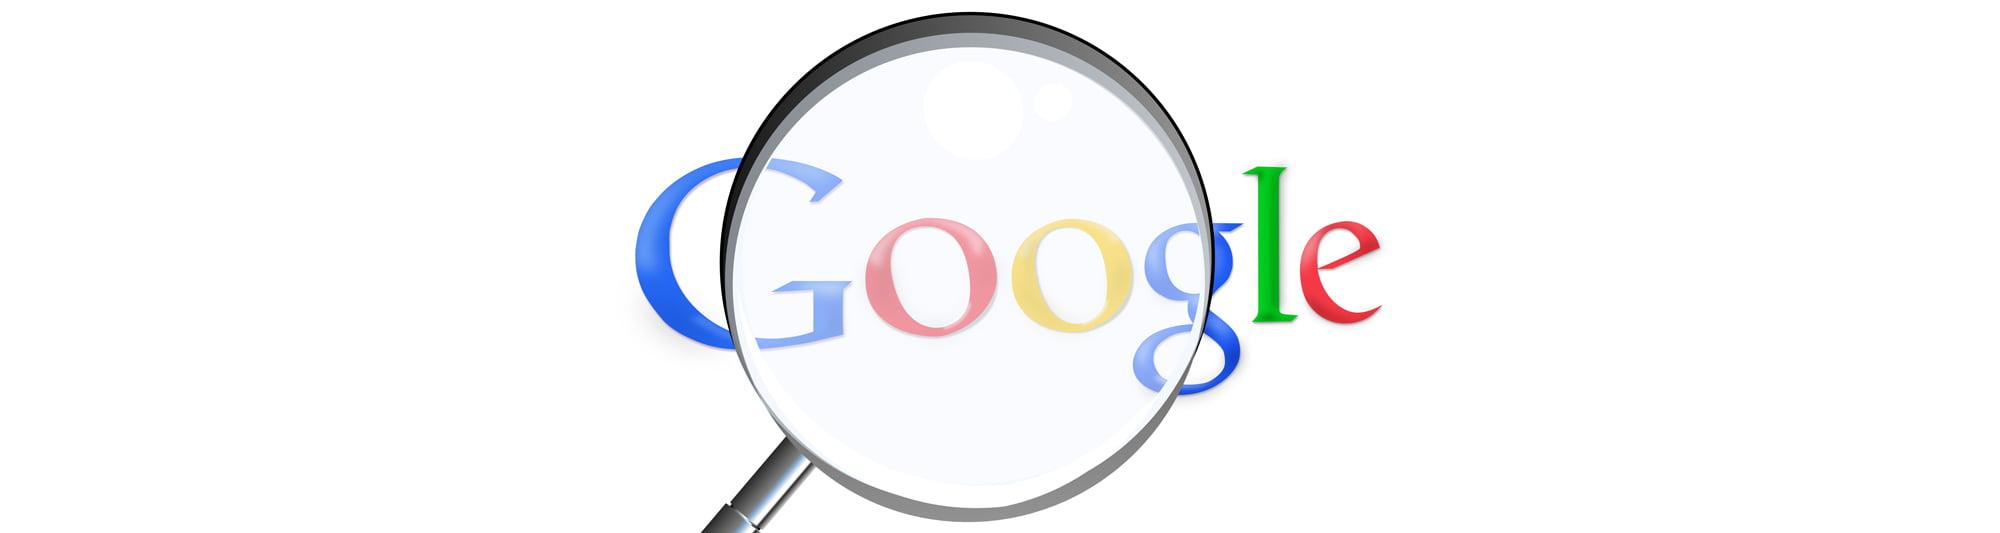 Meest gezochte woorden over het AJAX alarmsysteem op Google